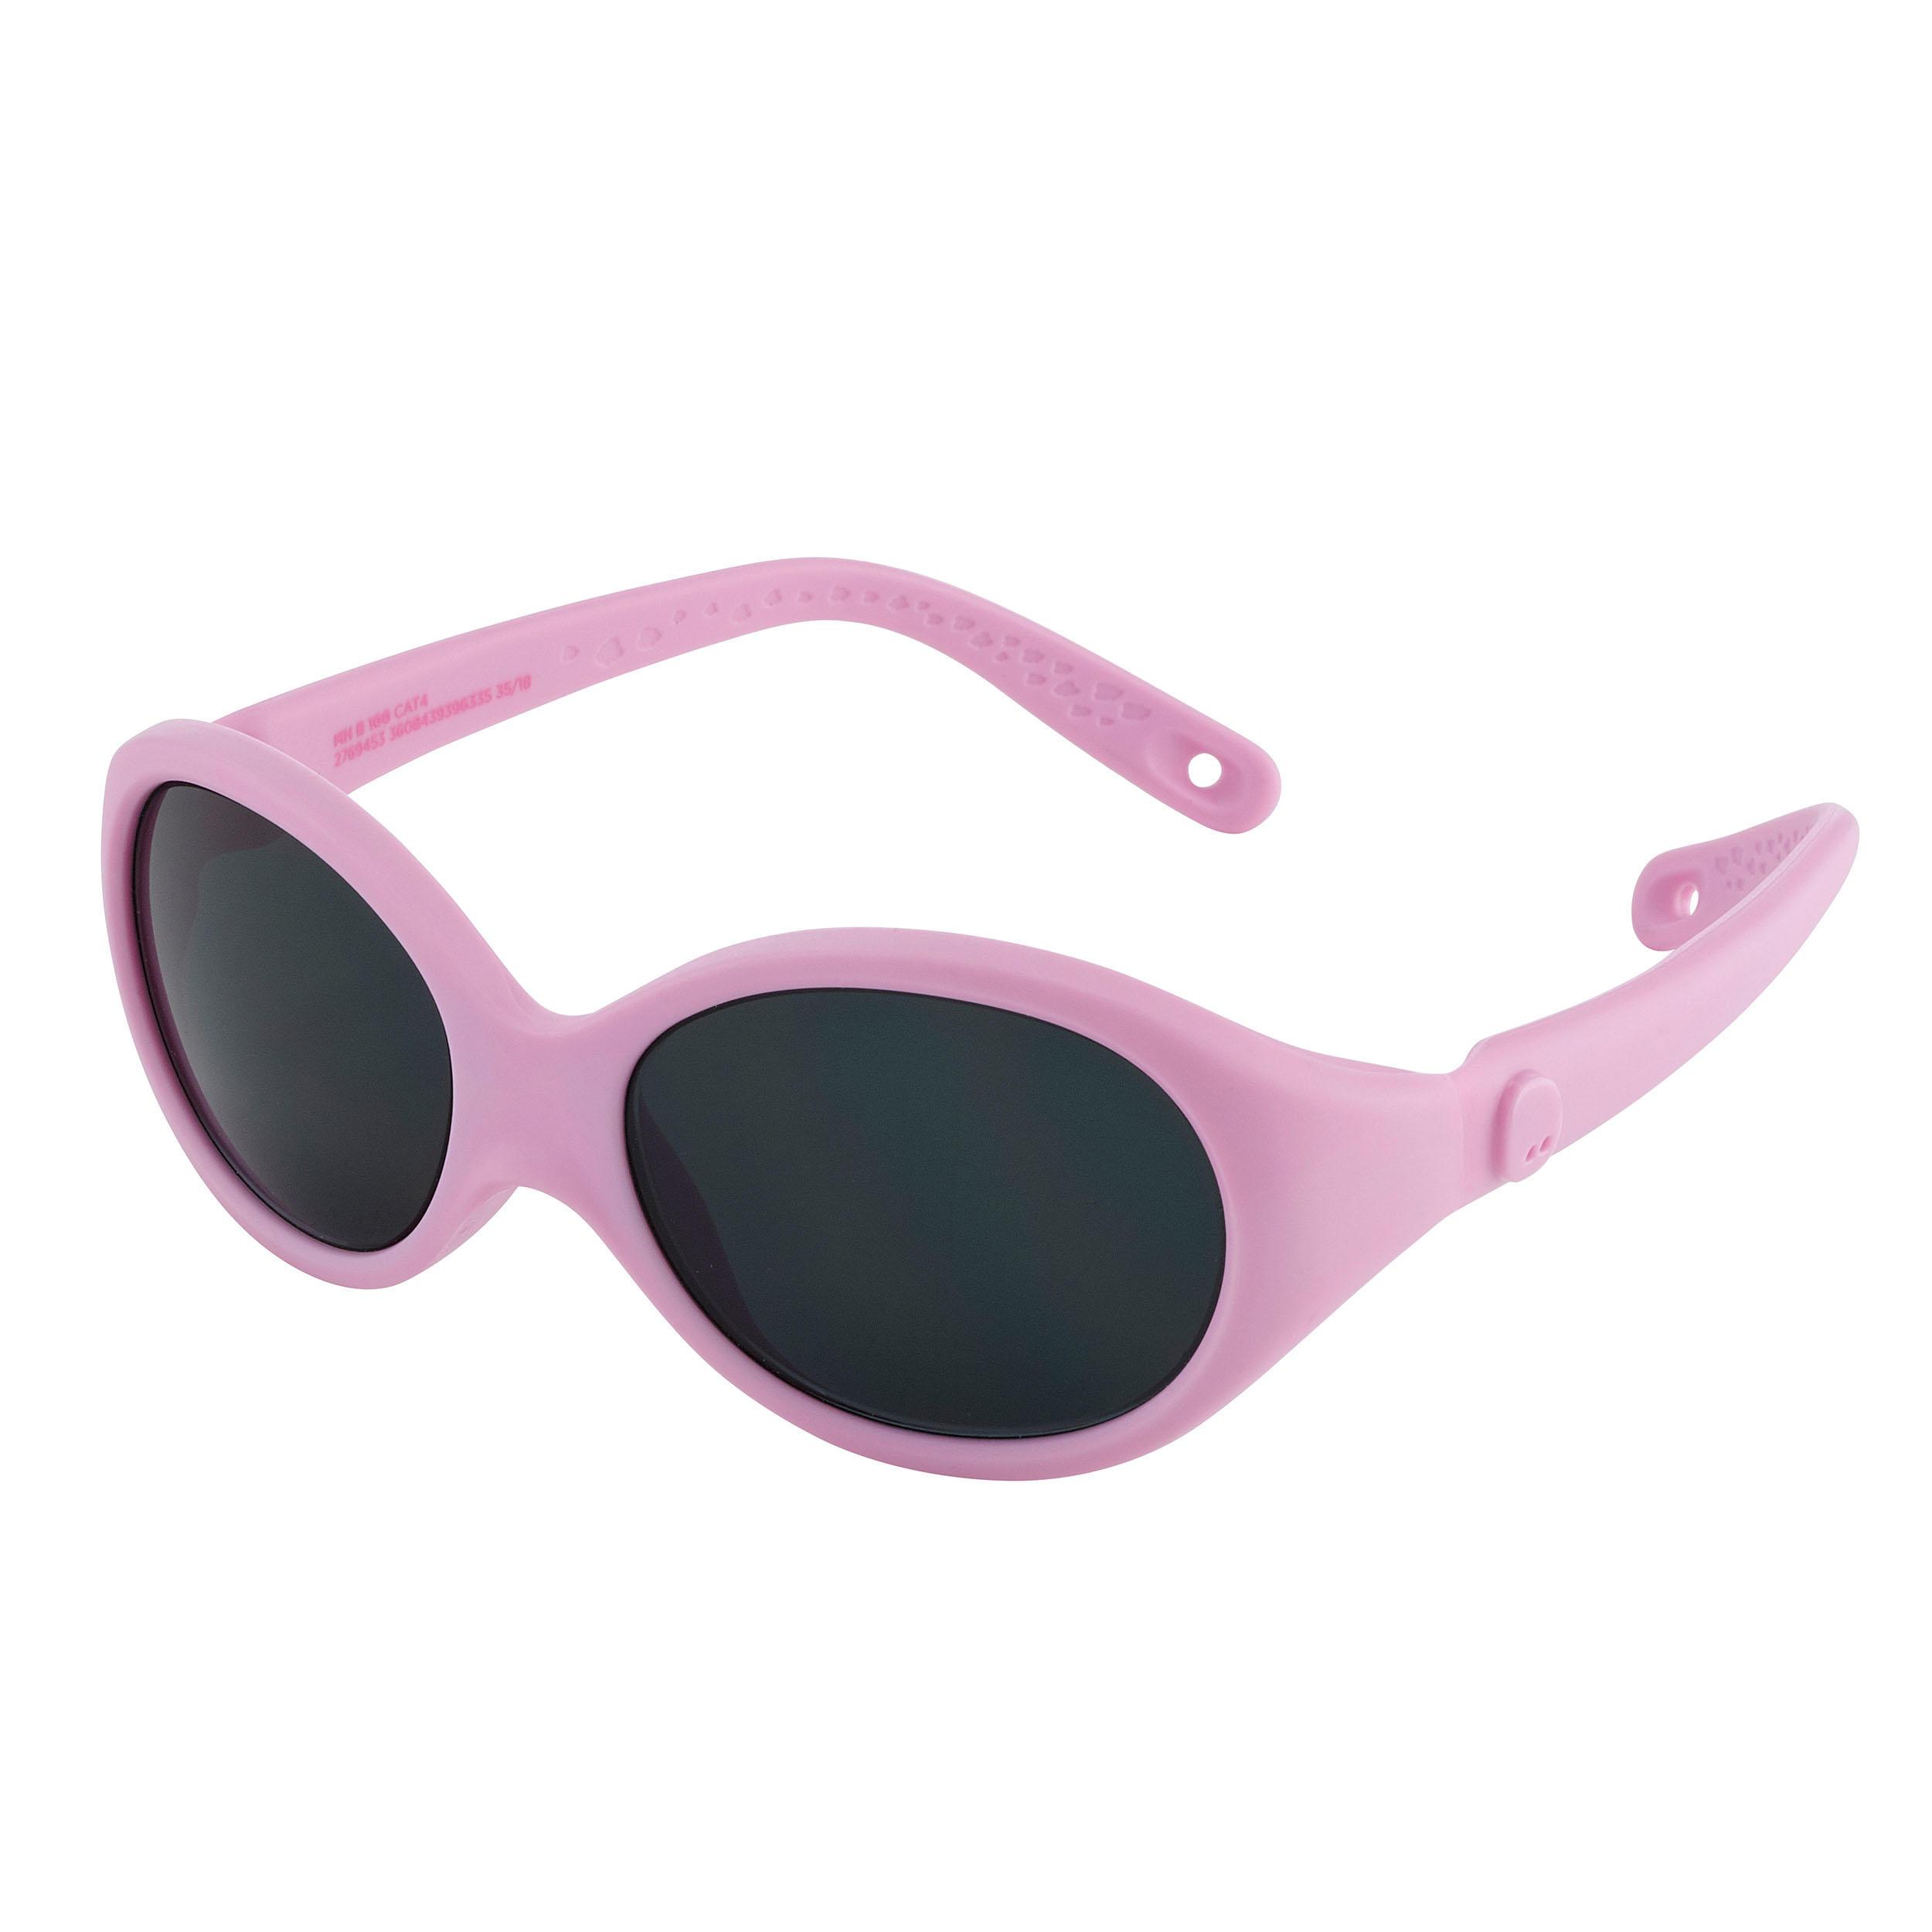 Ochelari soare MH B100 roz